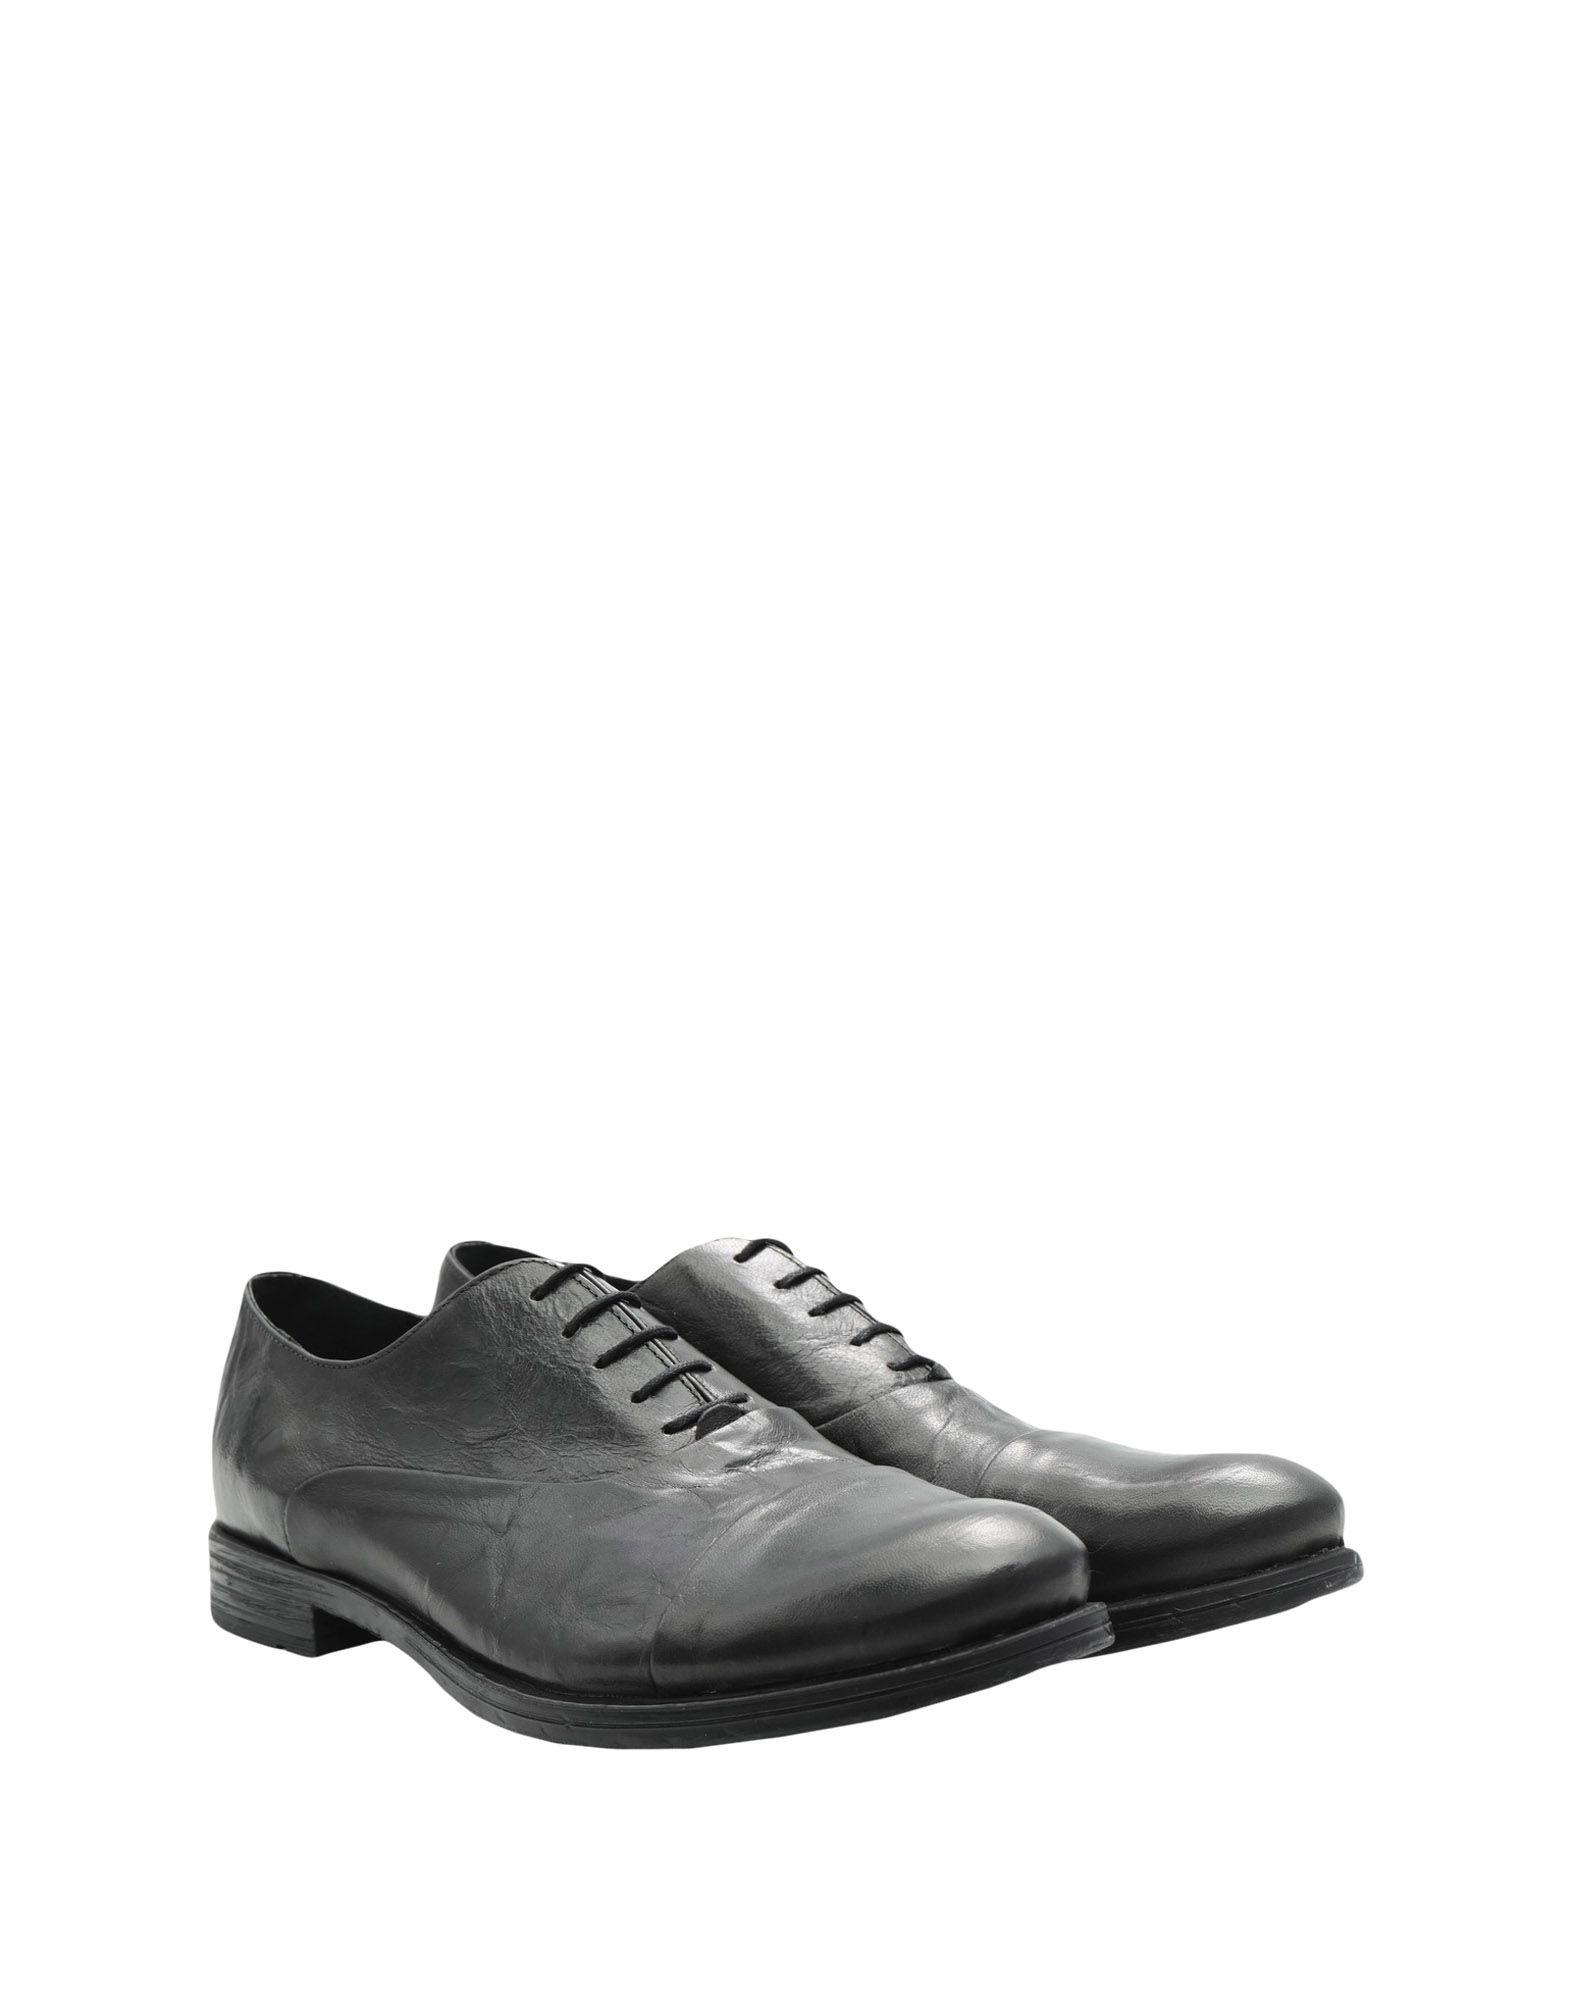 Pawelk's Schnürschuhe Herren  11524554OQ Gute Qualität beliebte Schuhe